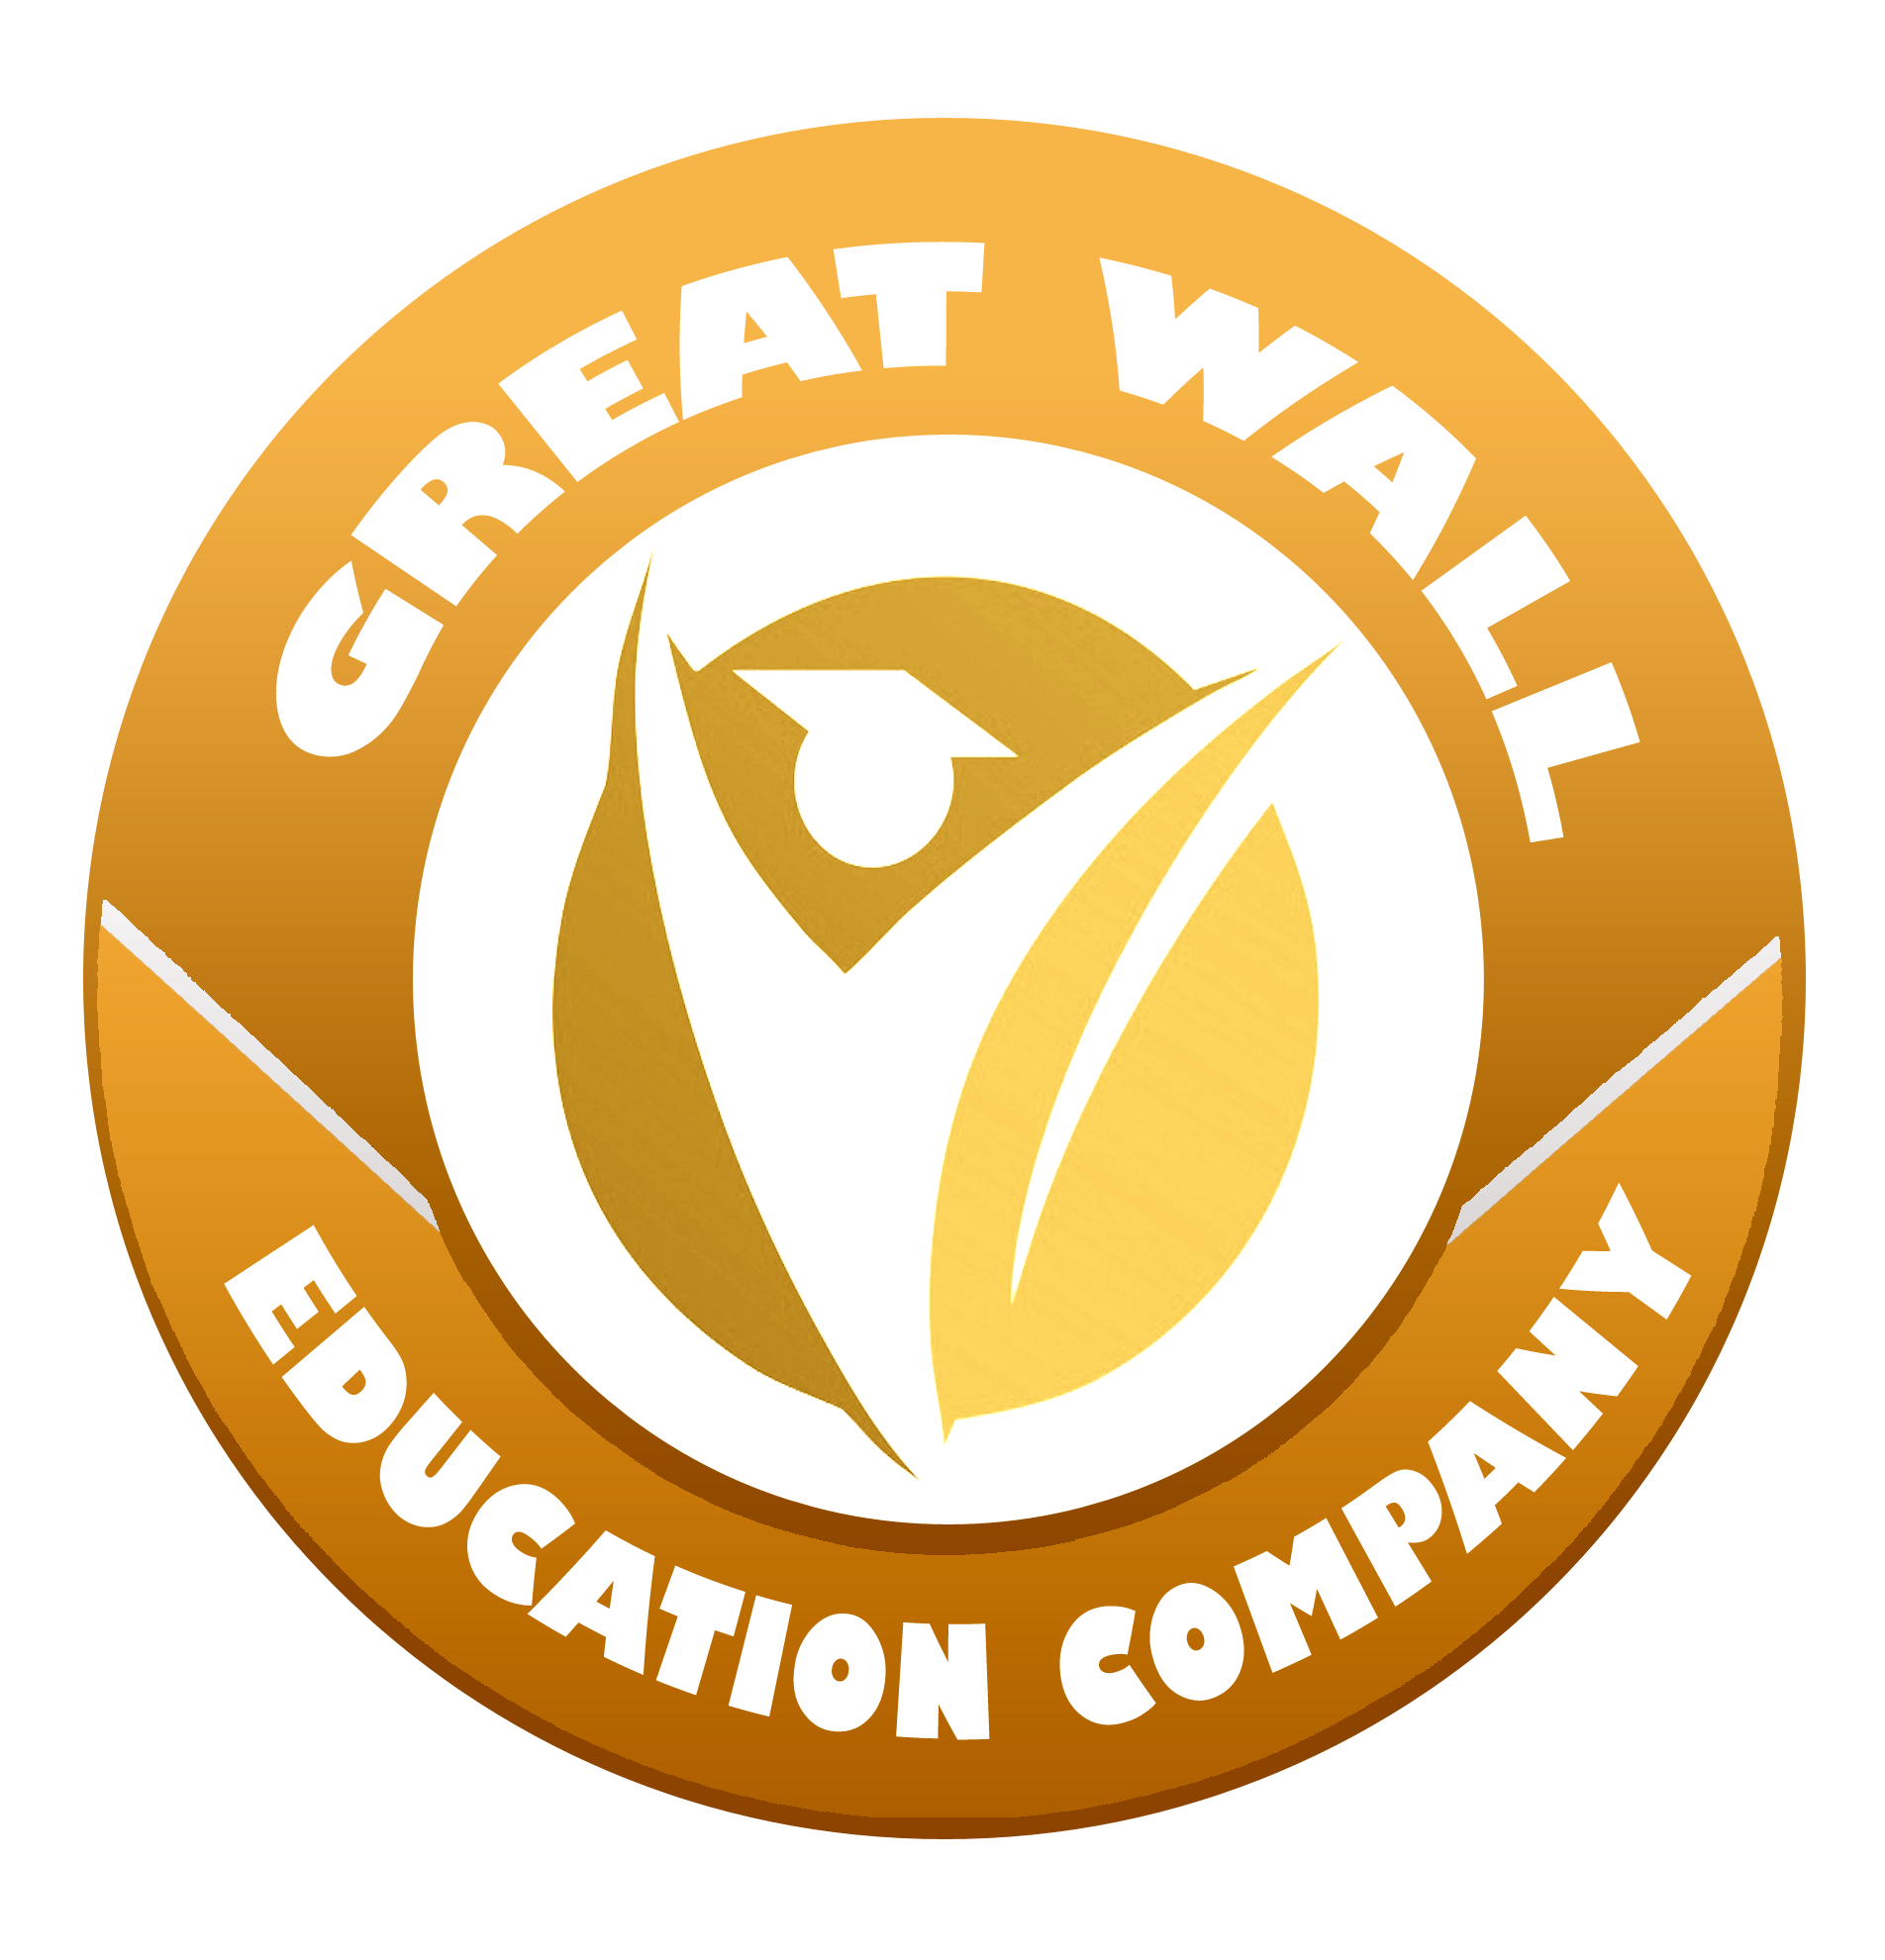 Great Wall Education Company